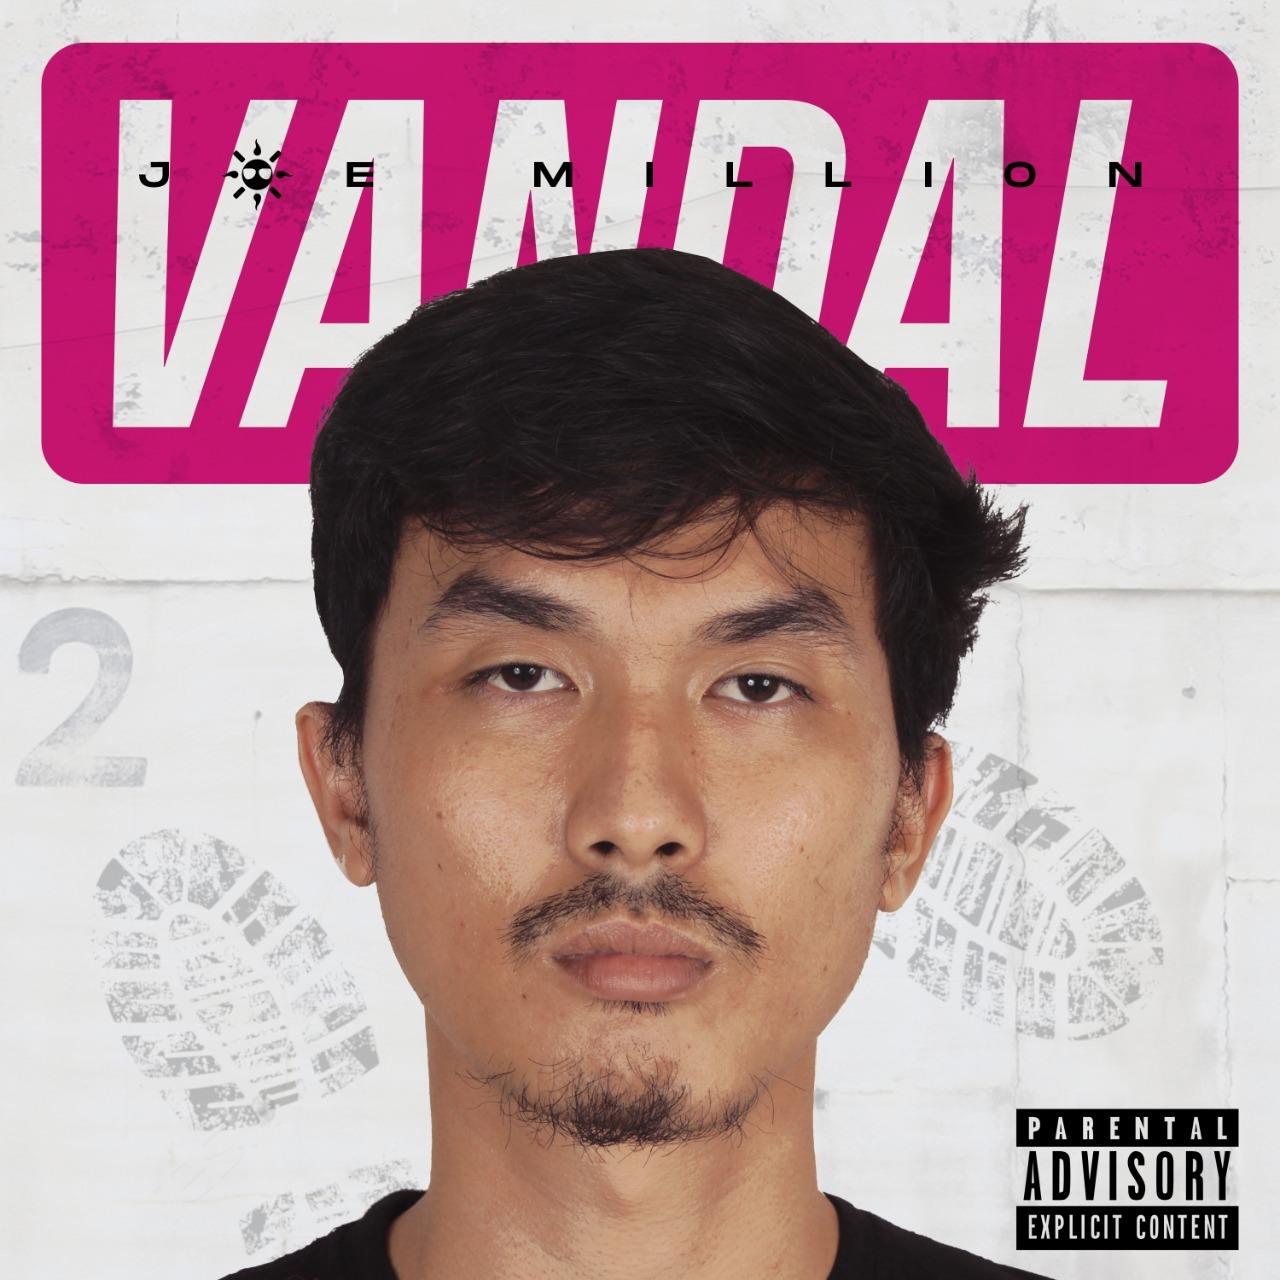 Joe Million Vandal